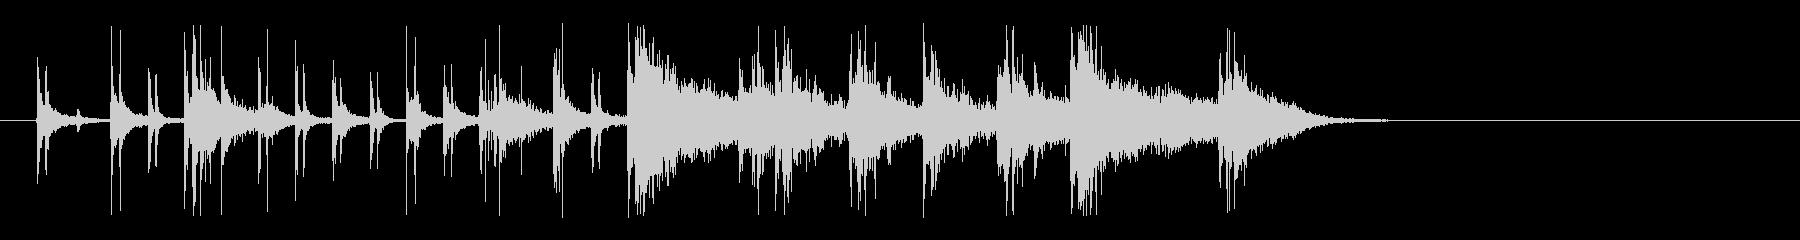 ファンキー&アップビートなリズムロゴの未再生の波形